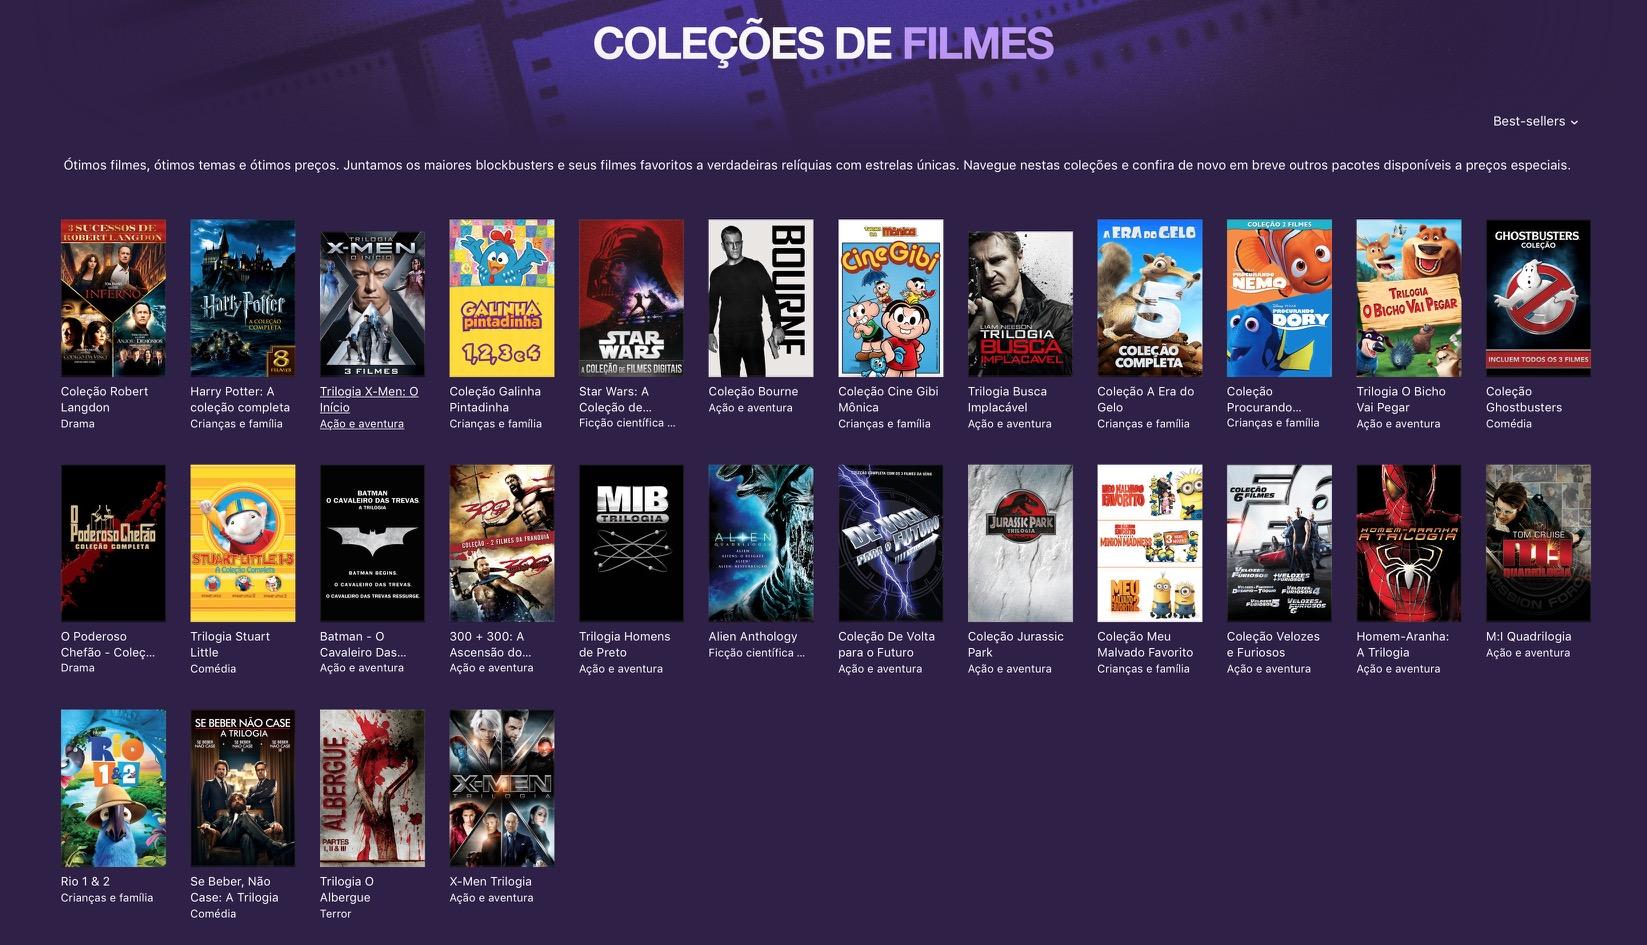 Coleção de filmes - iTunes [Movie] Store